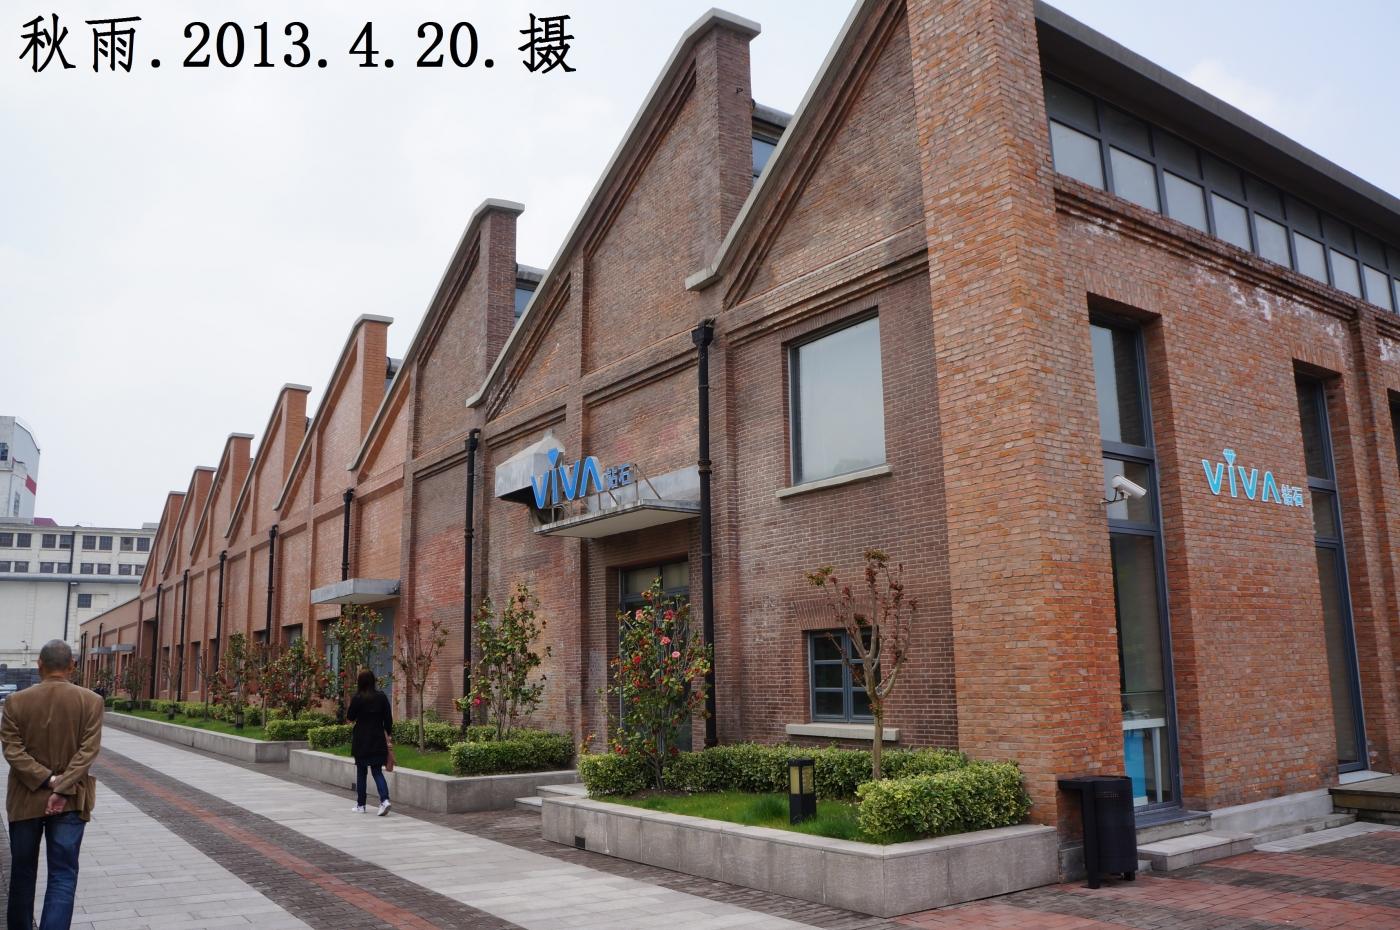 上海国际时尚中心,原国棉十七厂旧址(1),修旧如旧。摄影原创。 ..._图1-16